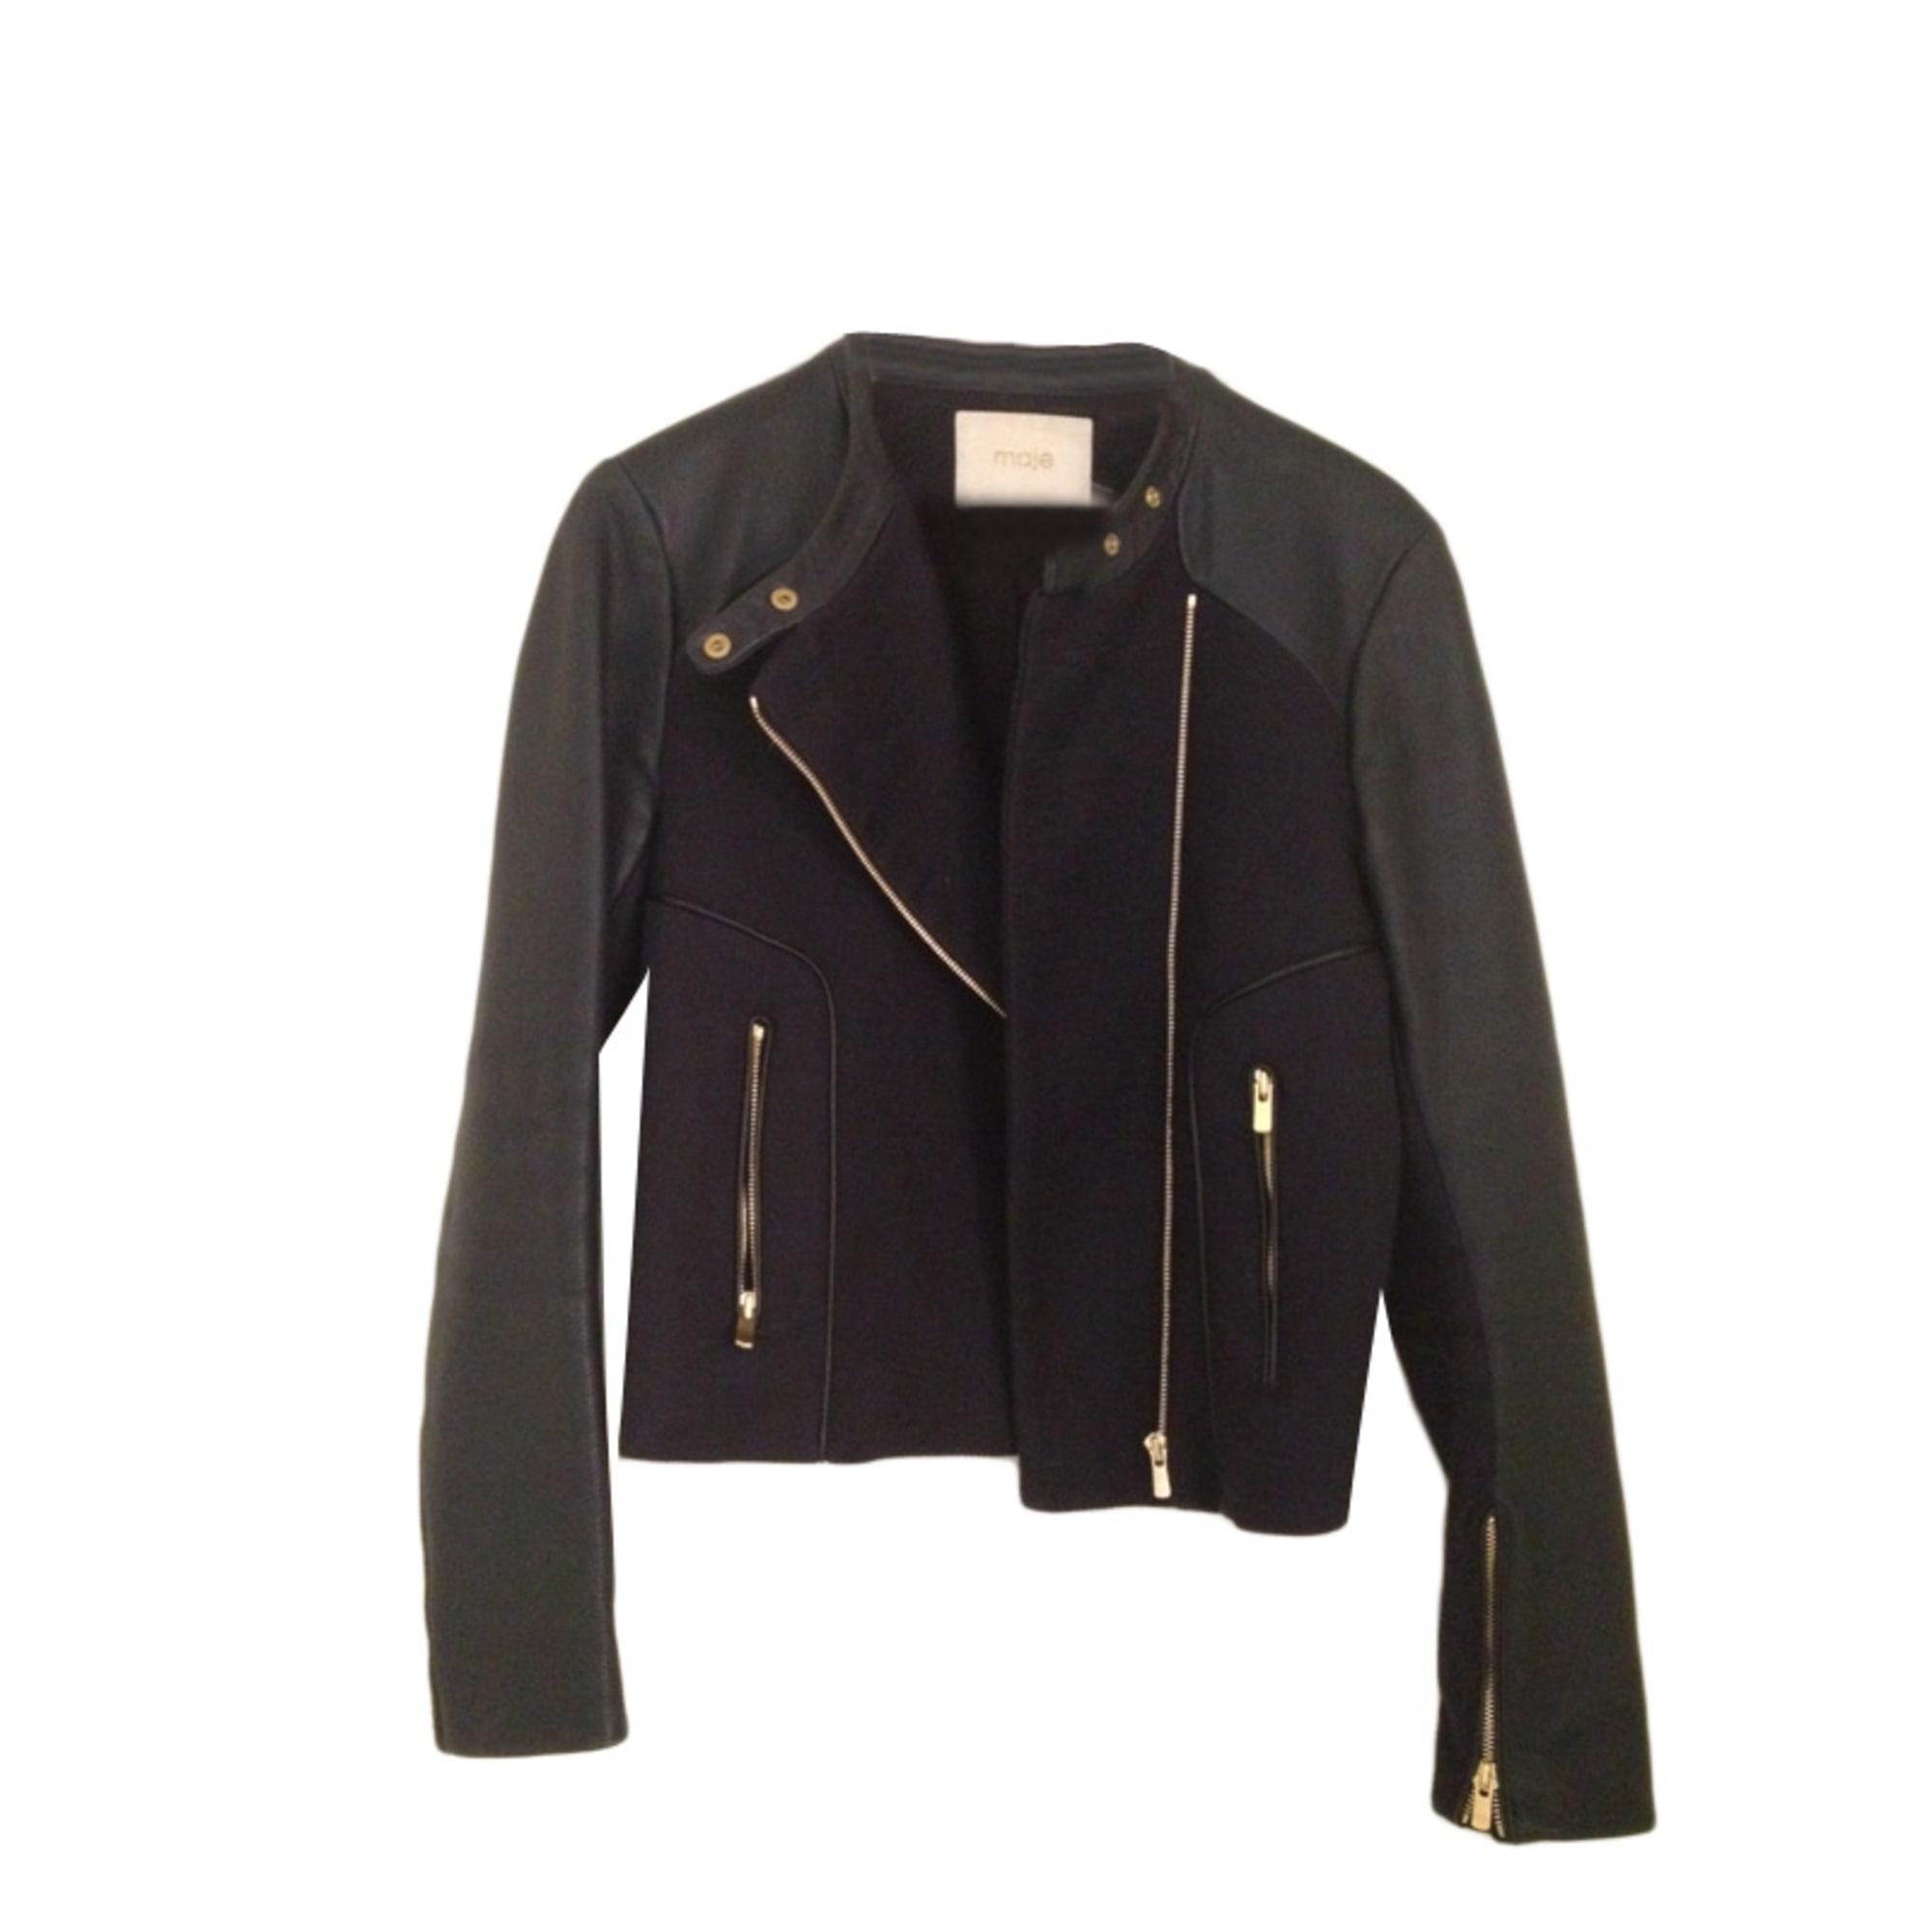 Maje Manteau coton/lin et cuir 40 (L, T3)